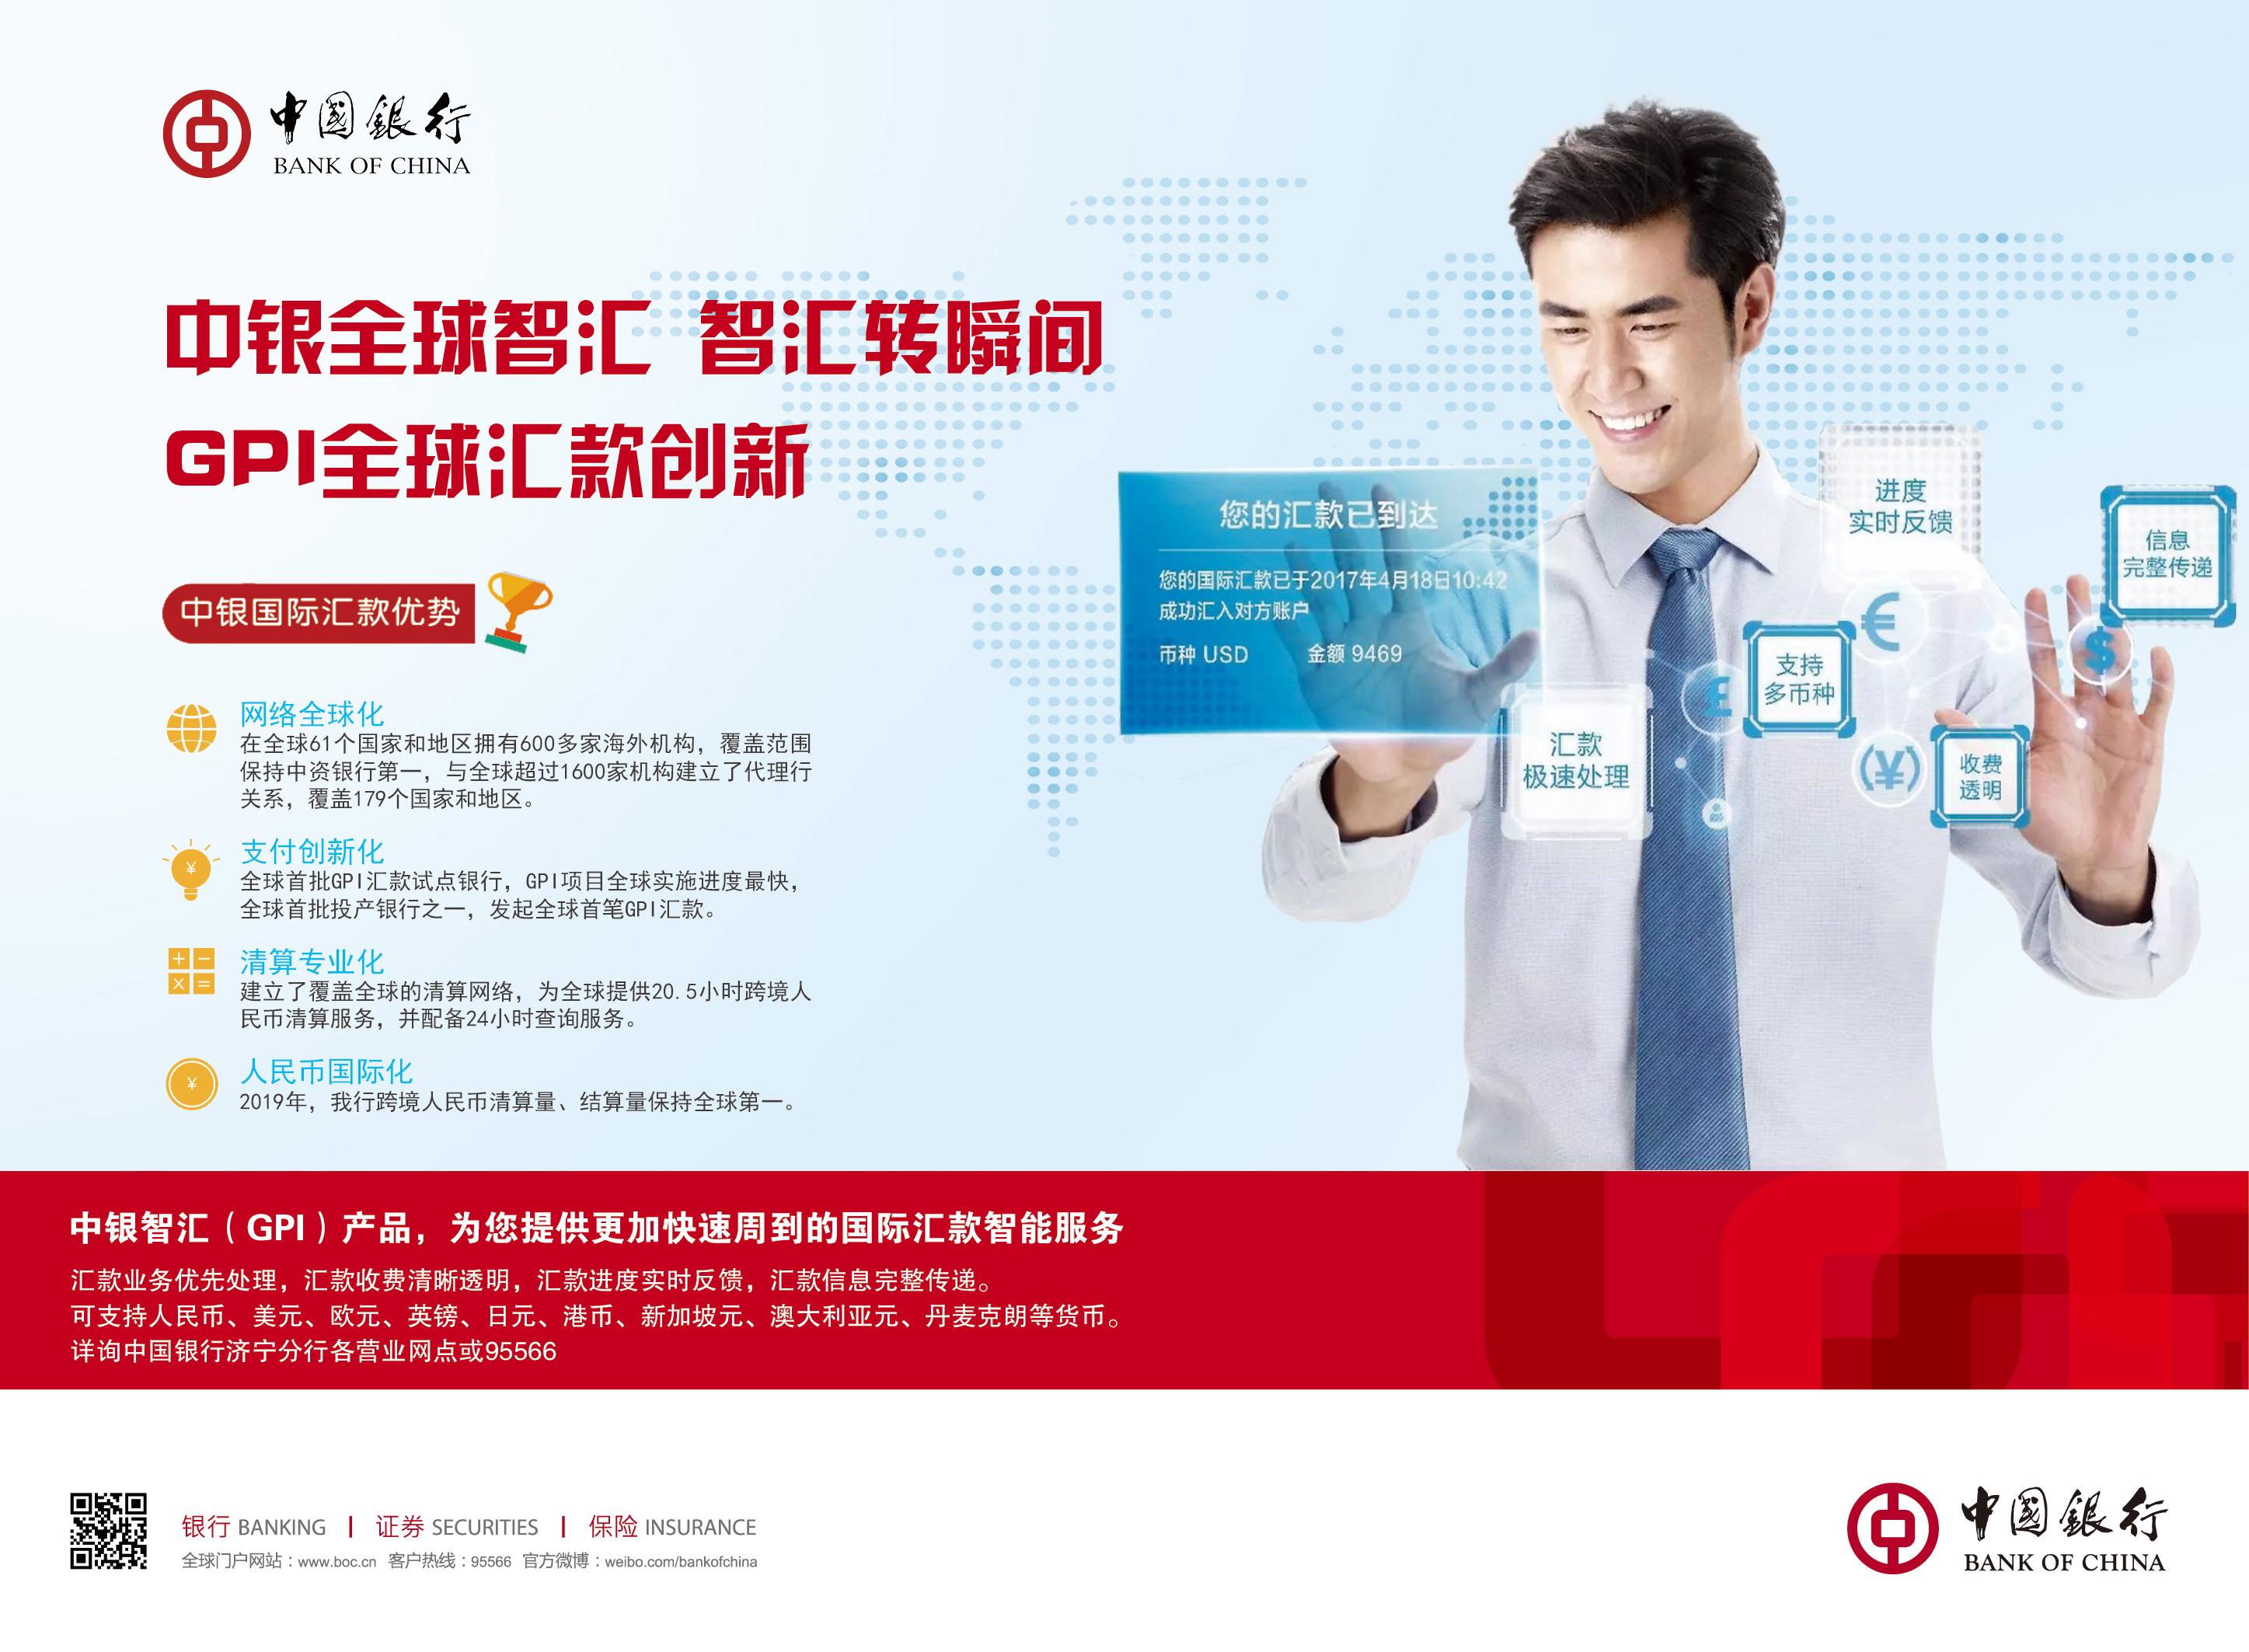 """枣庄中行积极推广""""中银全球智汇"""" 以产品赢得客户信任"""